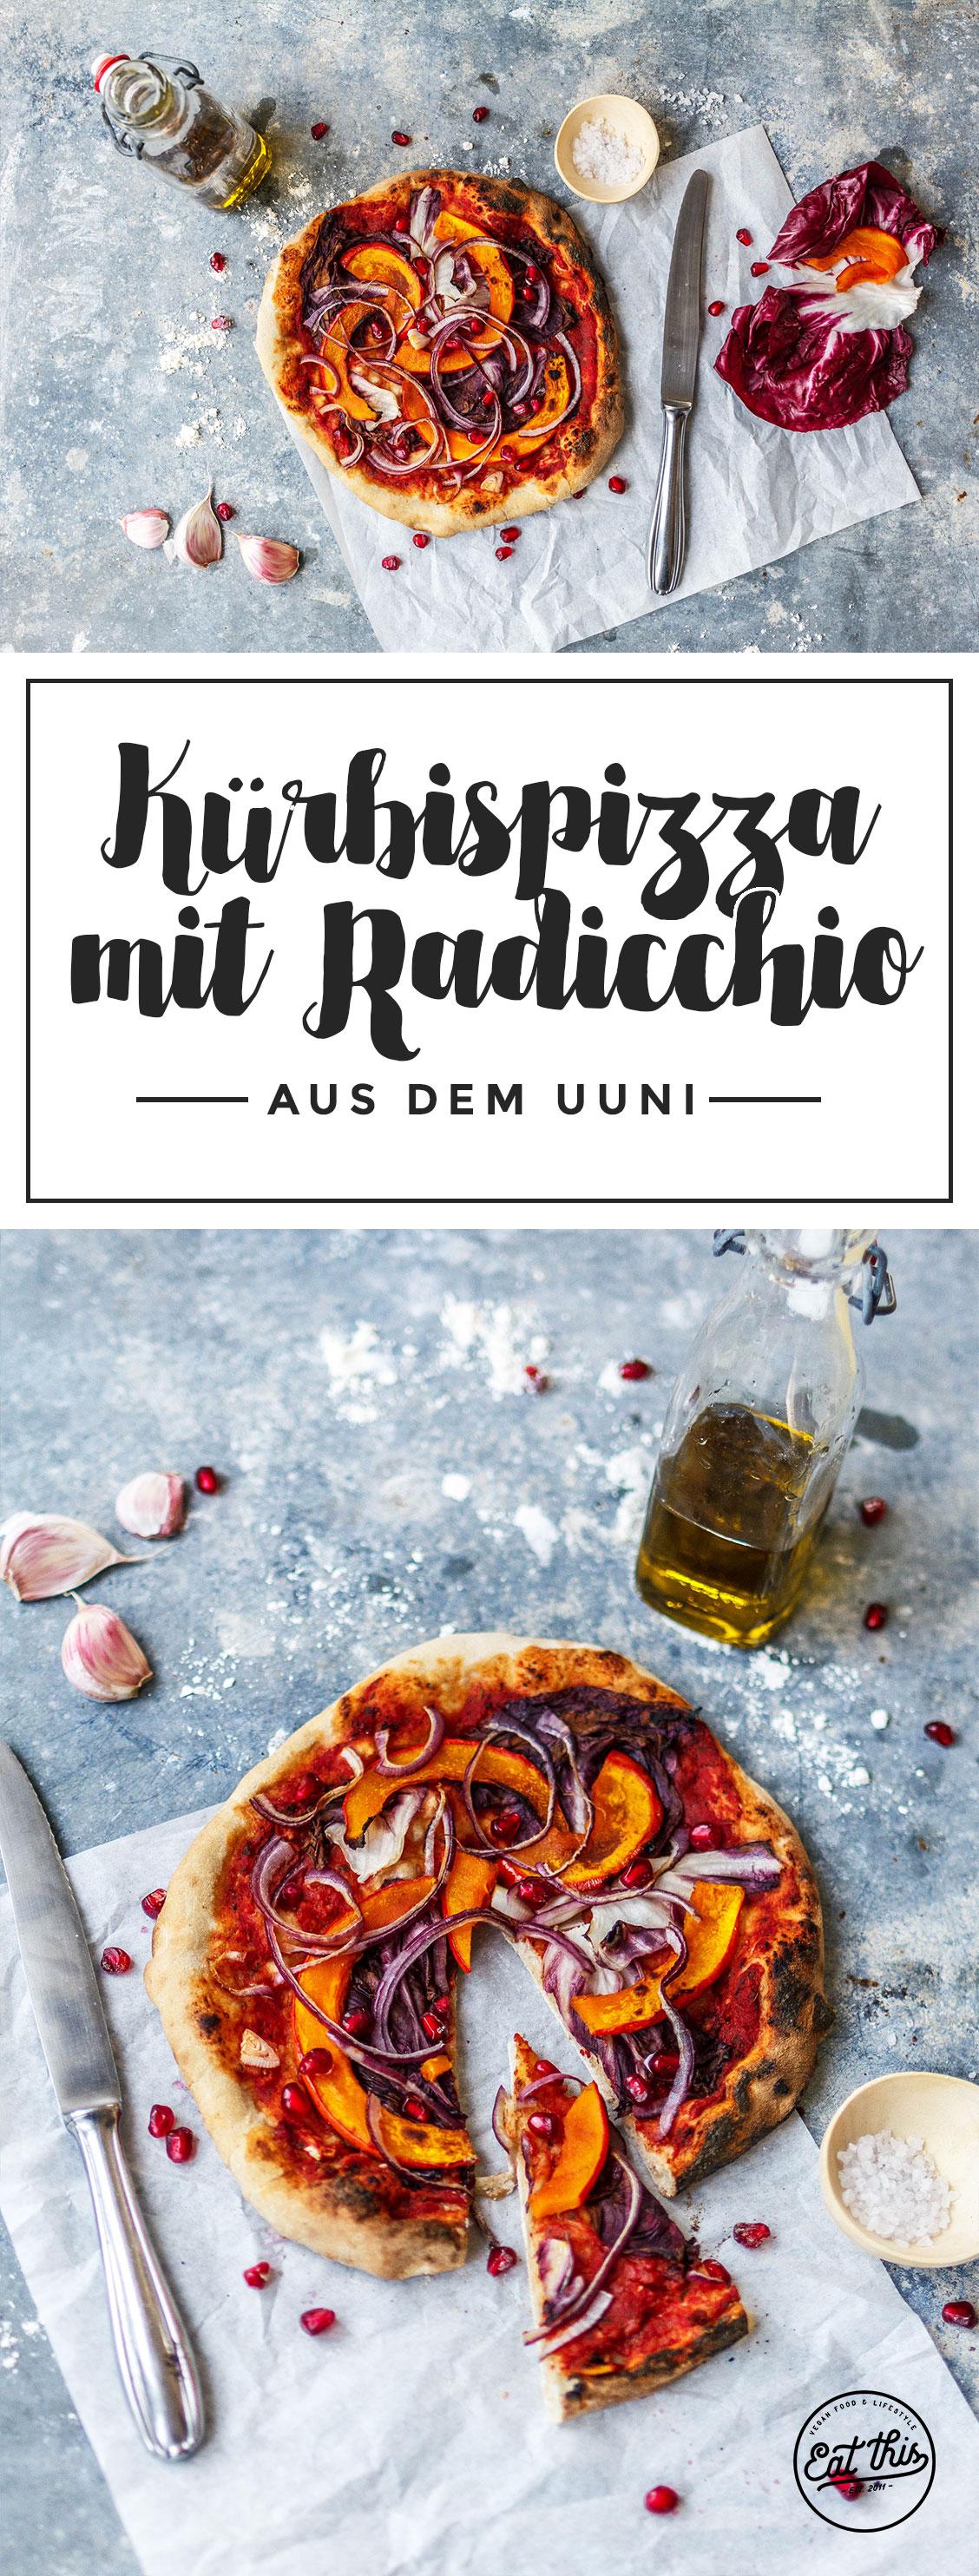 Kürbispizza mit Radicchio und Granatapfel aus dem Uuni